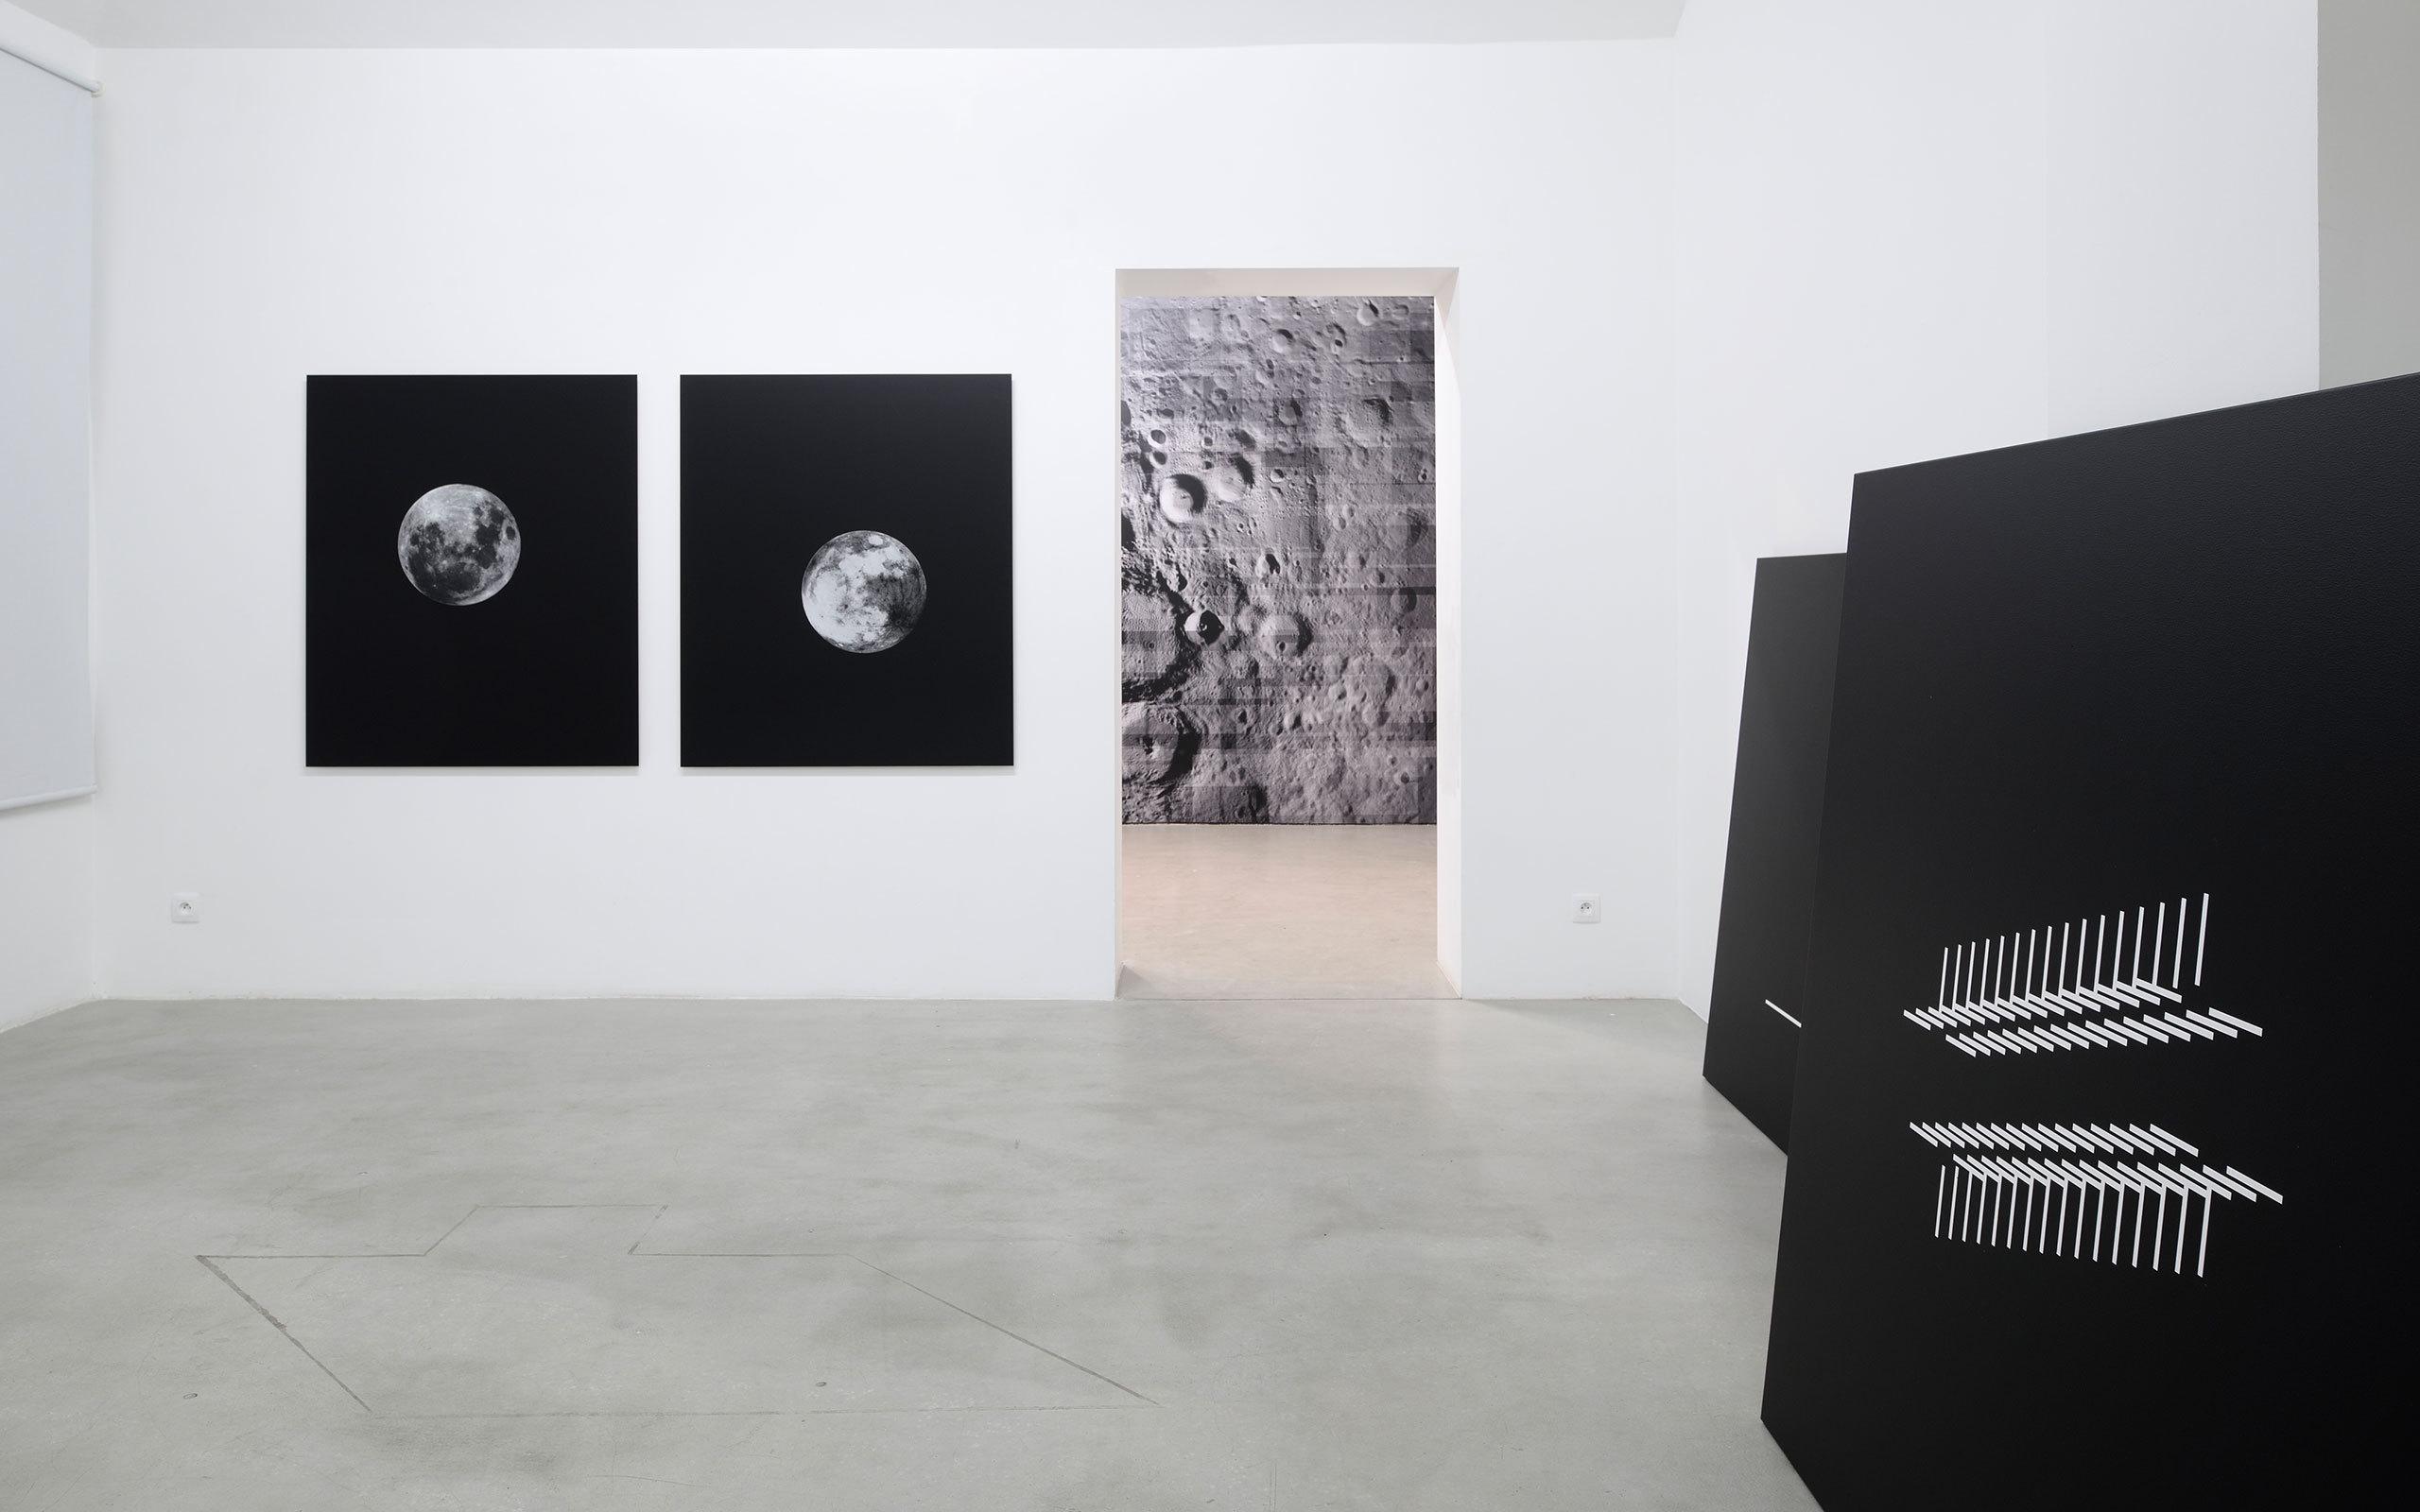 19 Jserych Gallery